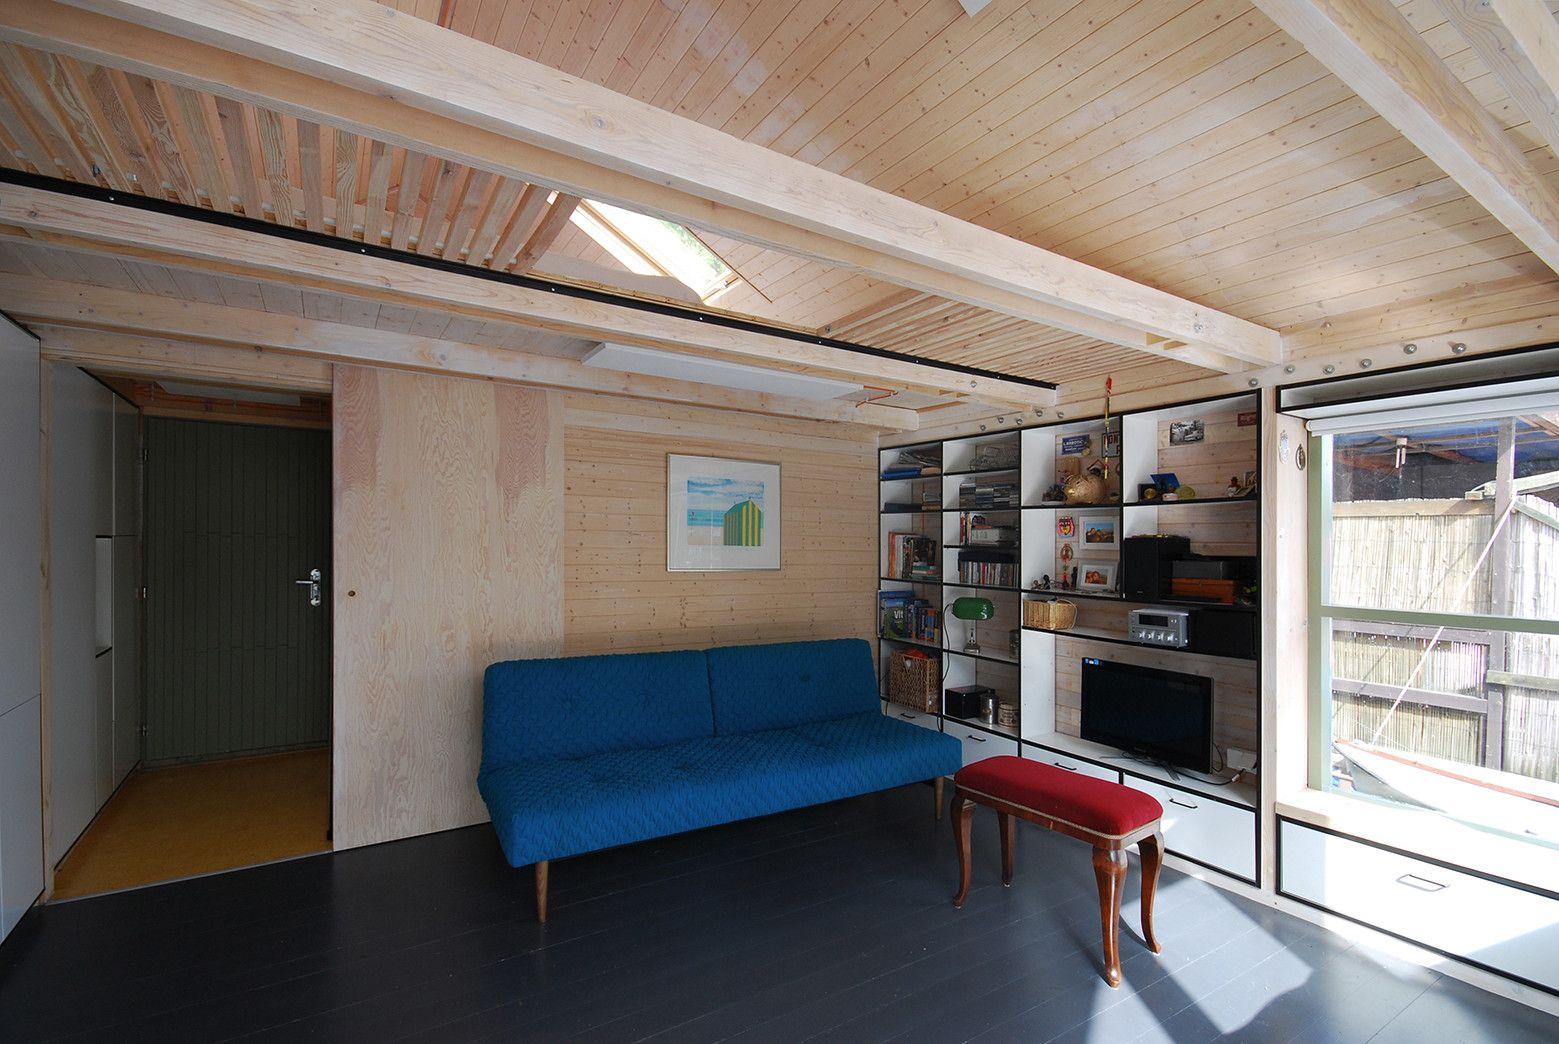 Gallery of Houseboat / Mjlk Architekti - 4